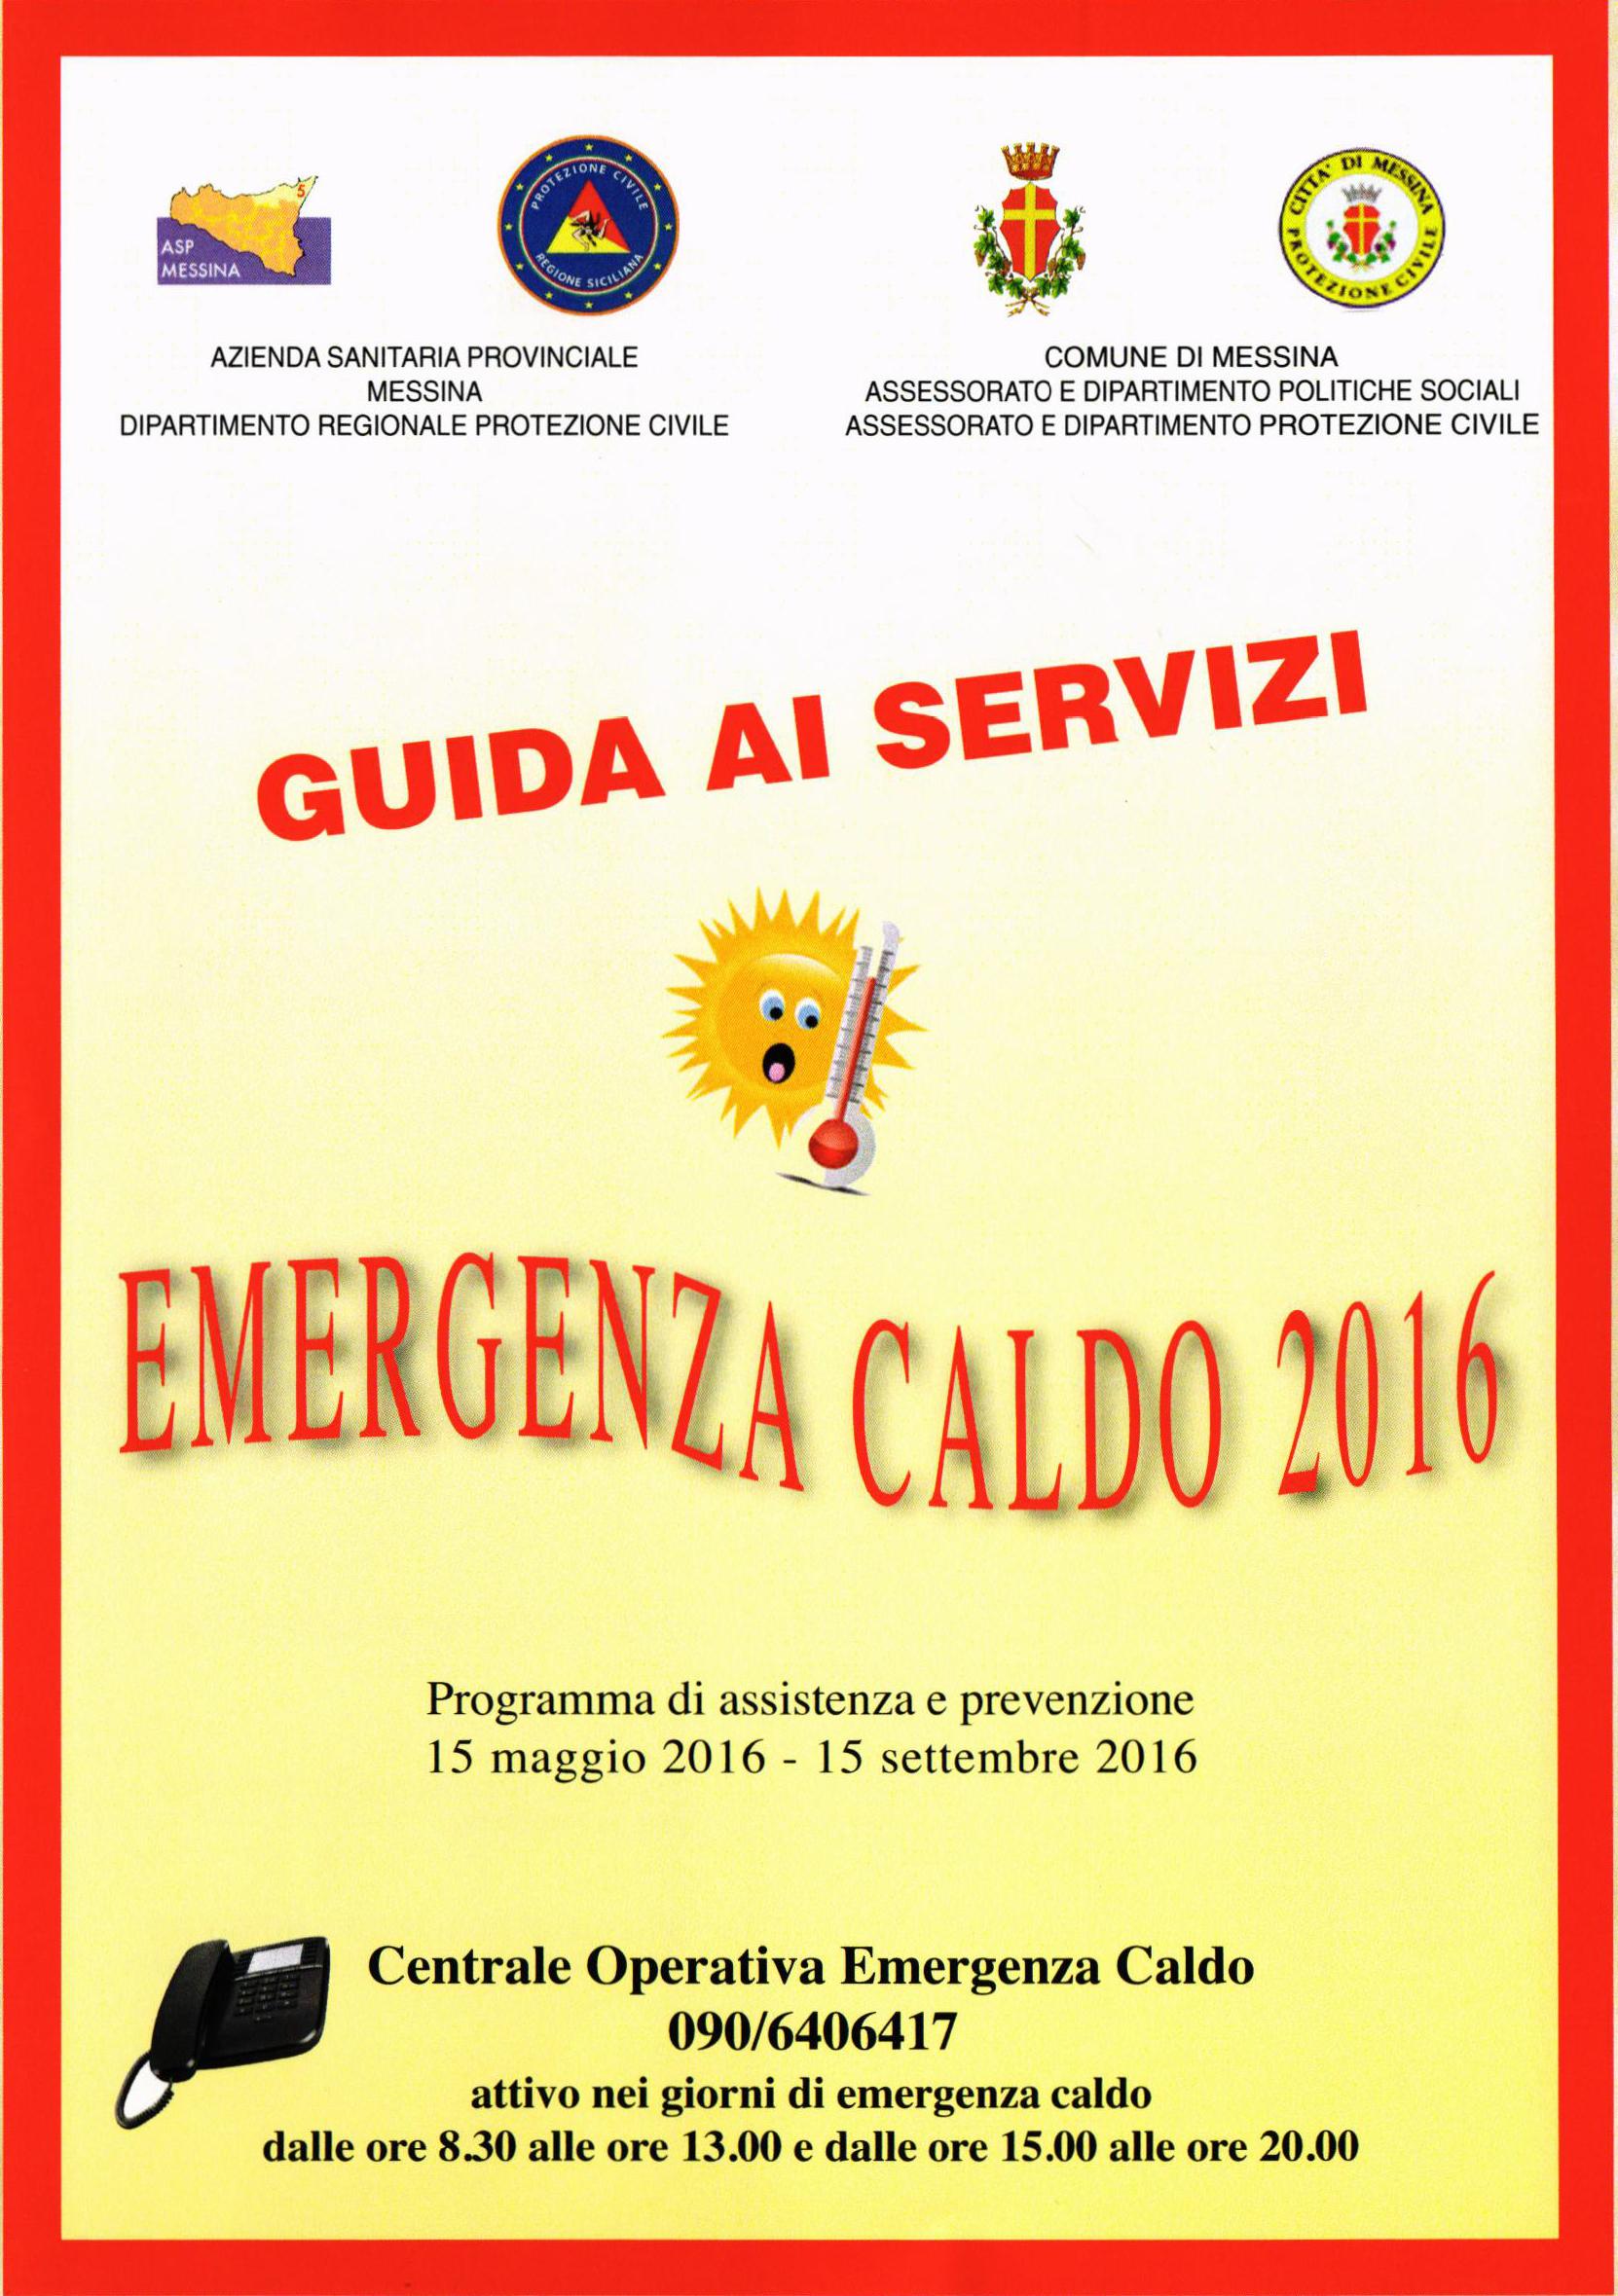 VOLANTINO-EMERGENZA-CALDO-2016---Copia-1